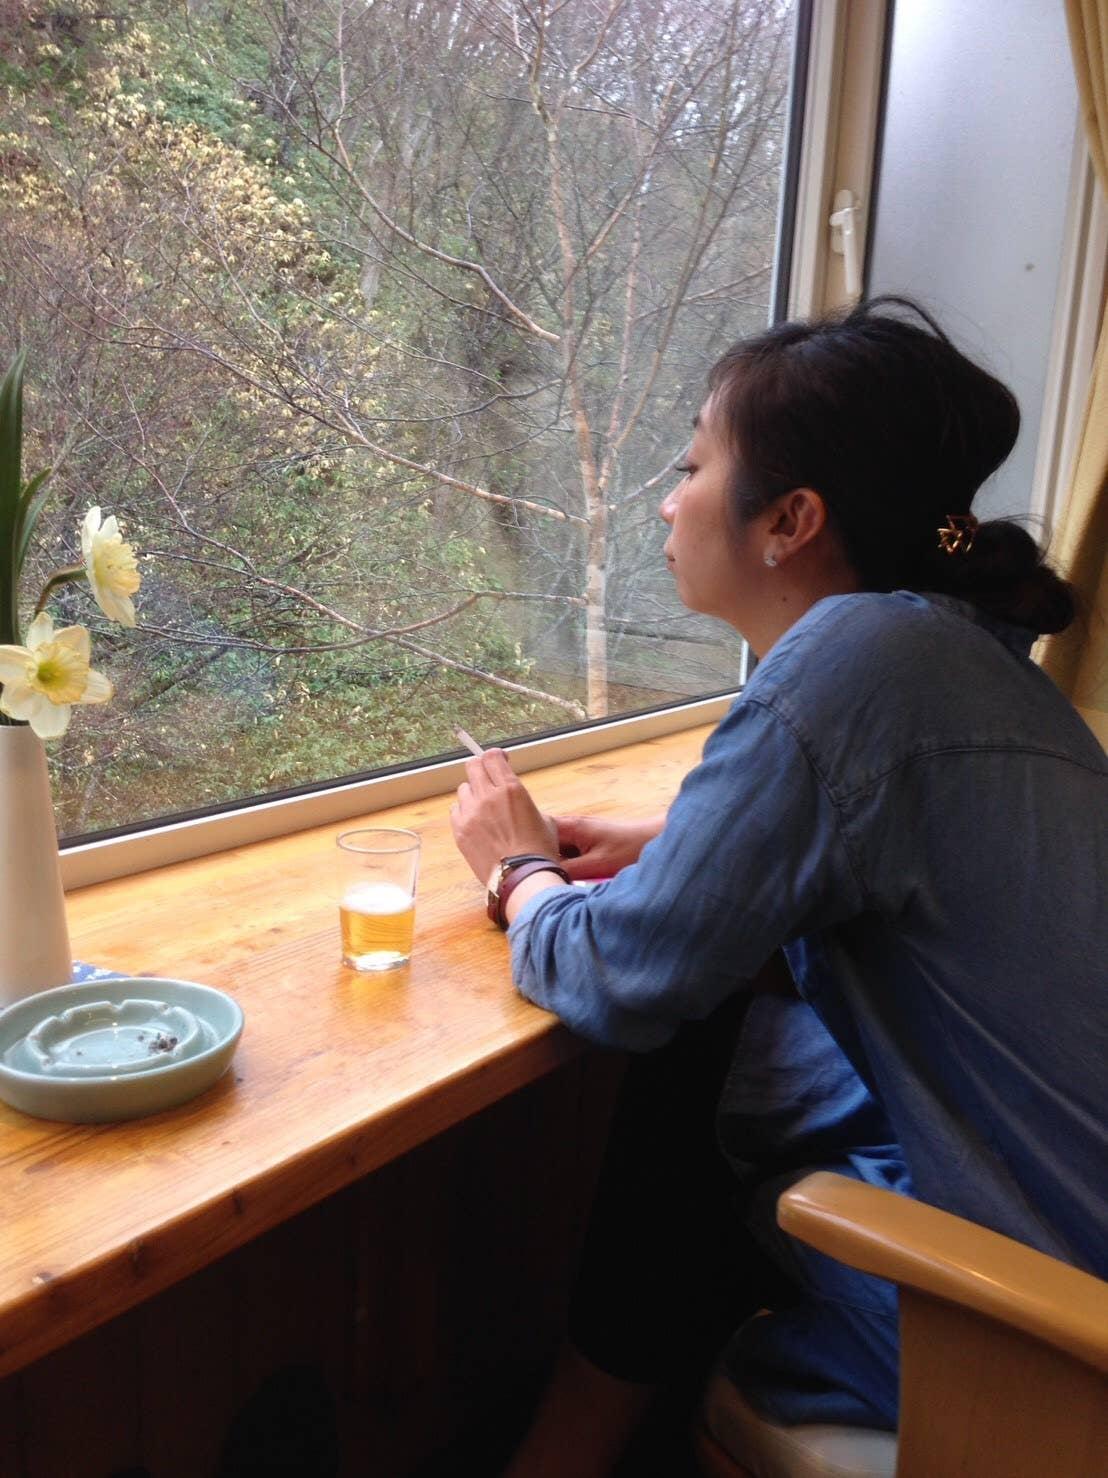 Chisato Ohmori